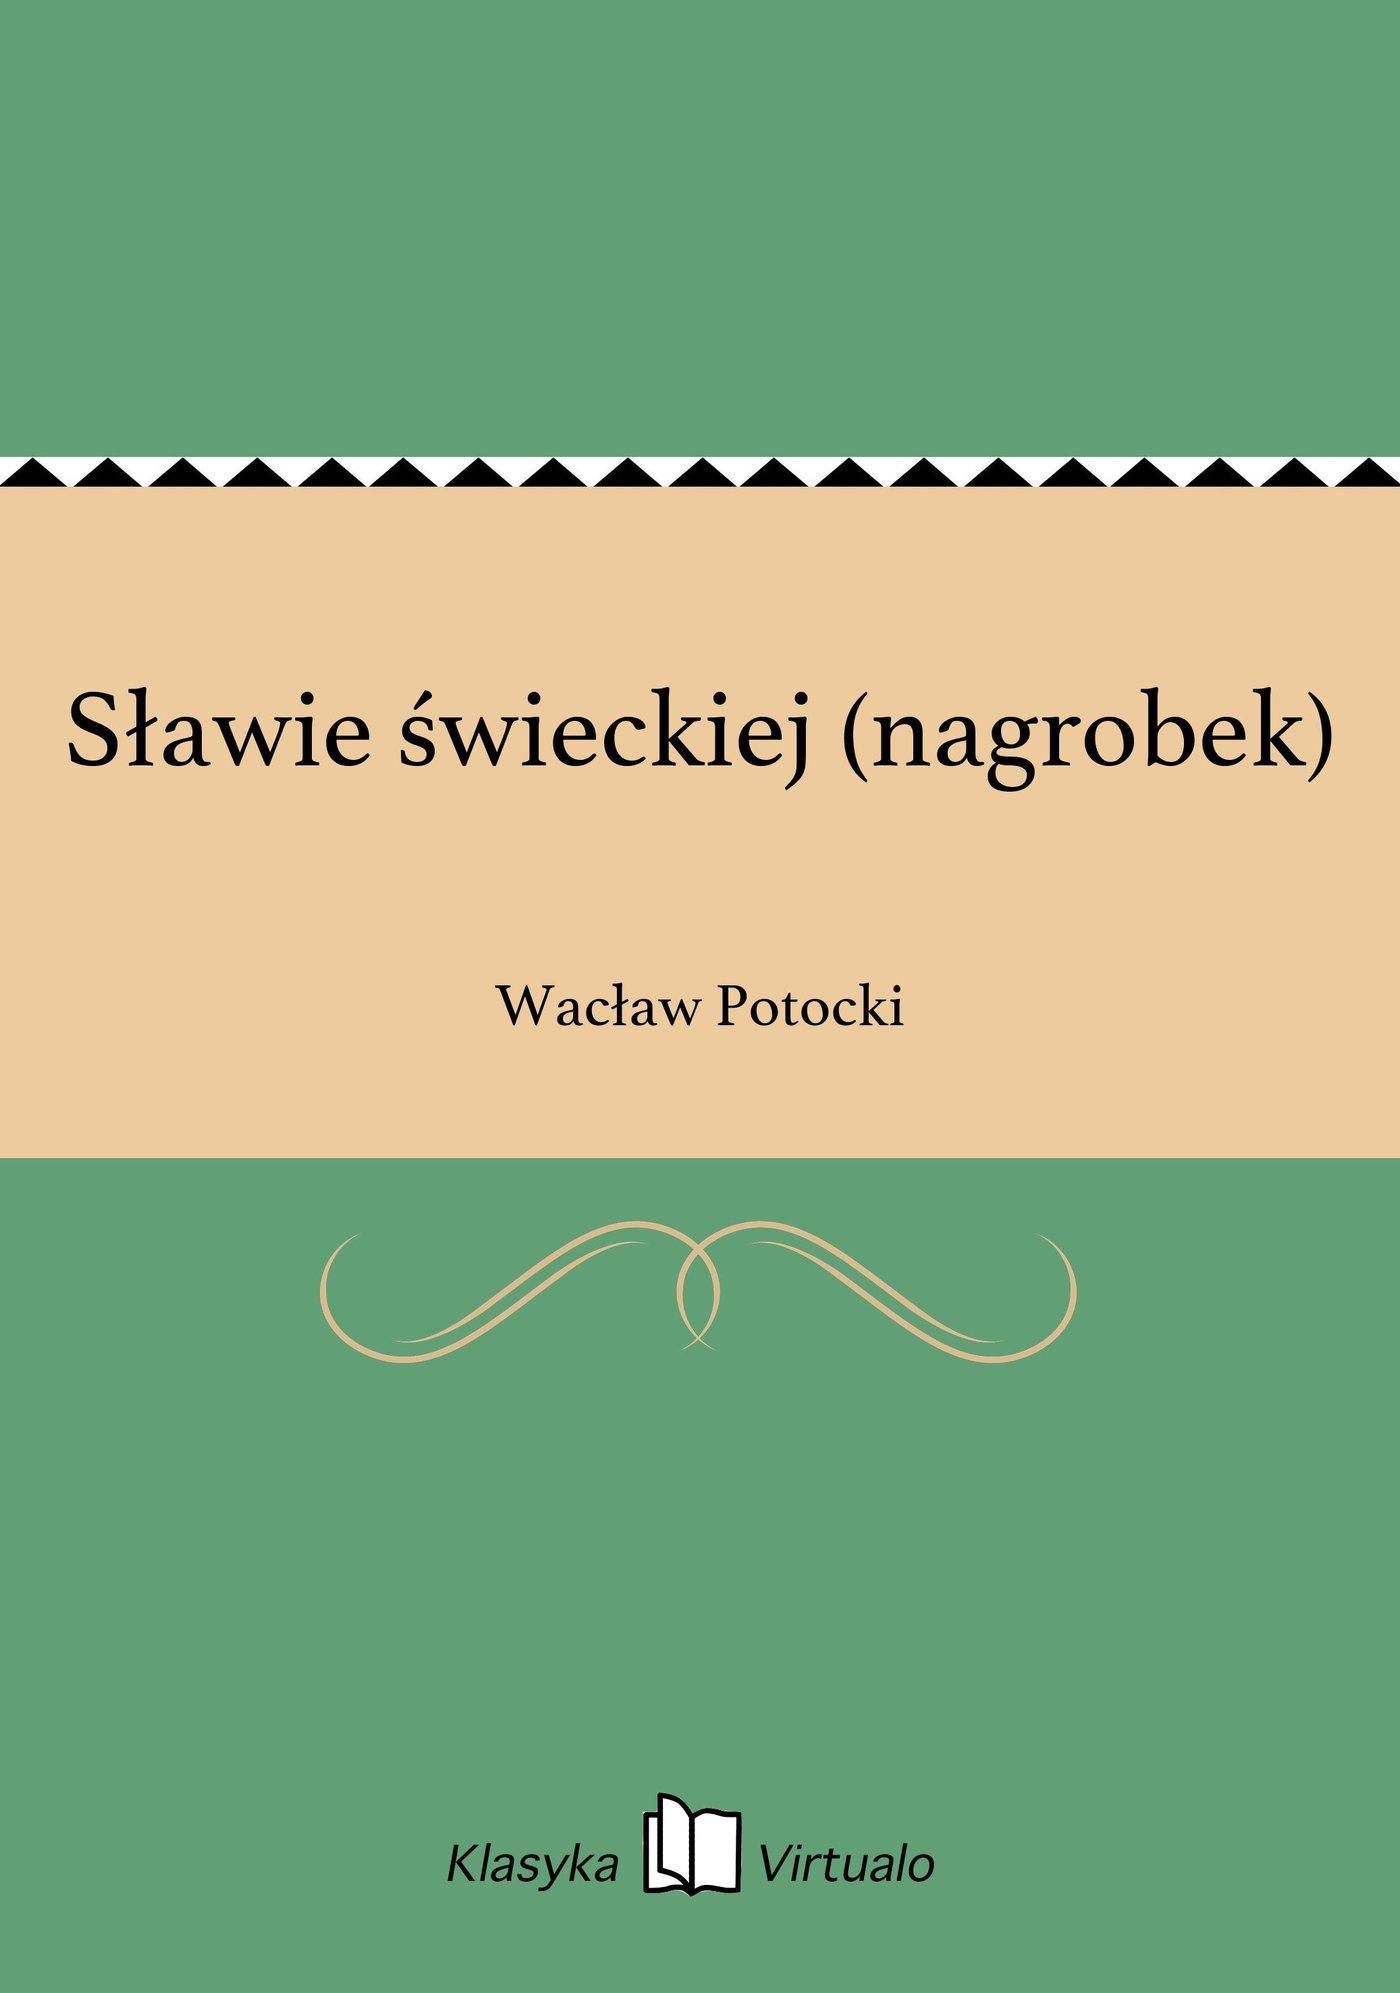 Sławie świeckiej (nagrobek) - Ebook (Książka na Kindle) do pobrania w formacie MOBI